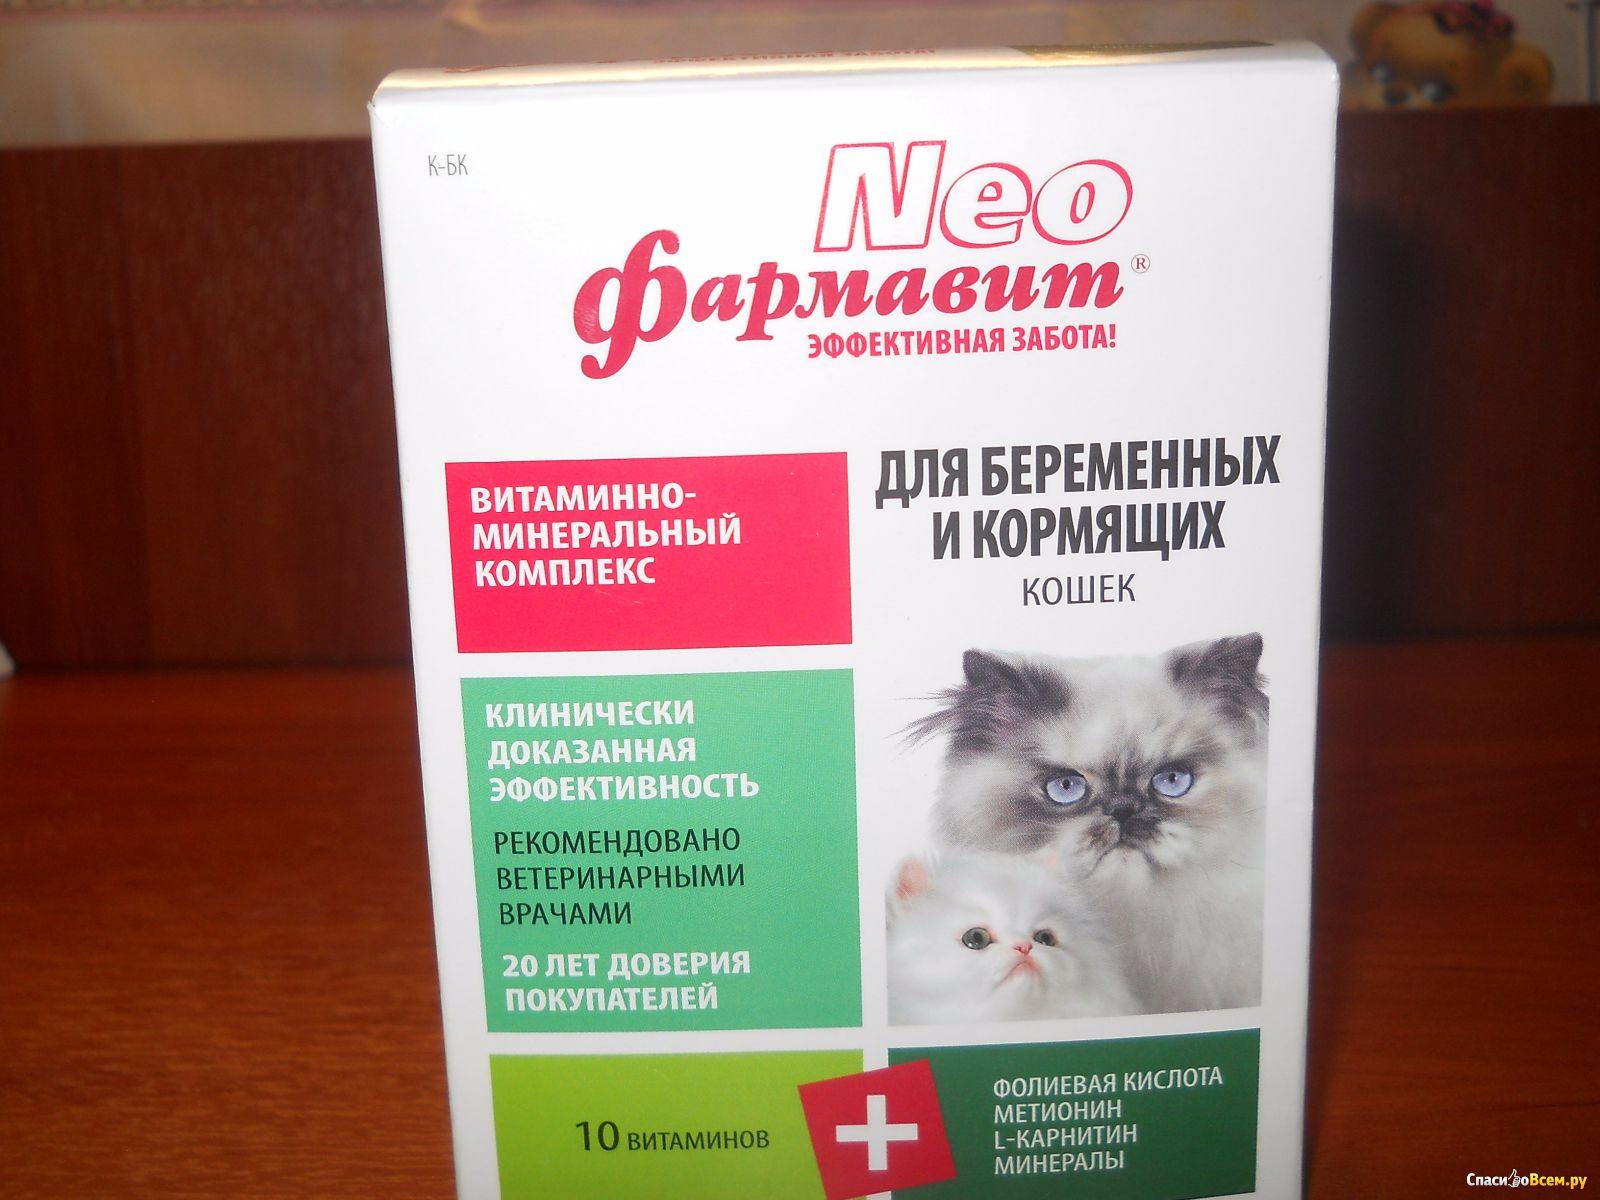 Нео фармавит для беременных и кормящих кошек отзывы 29